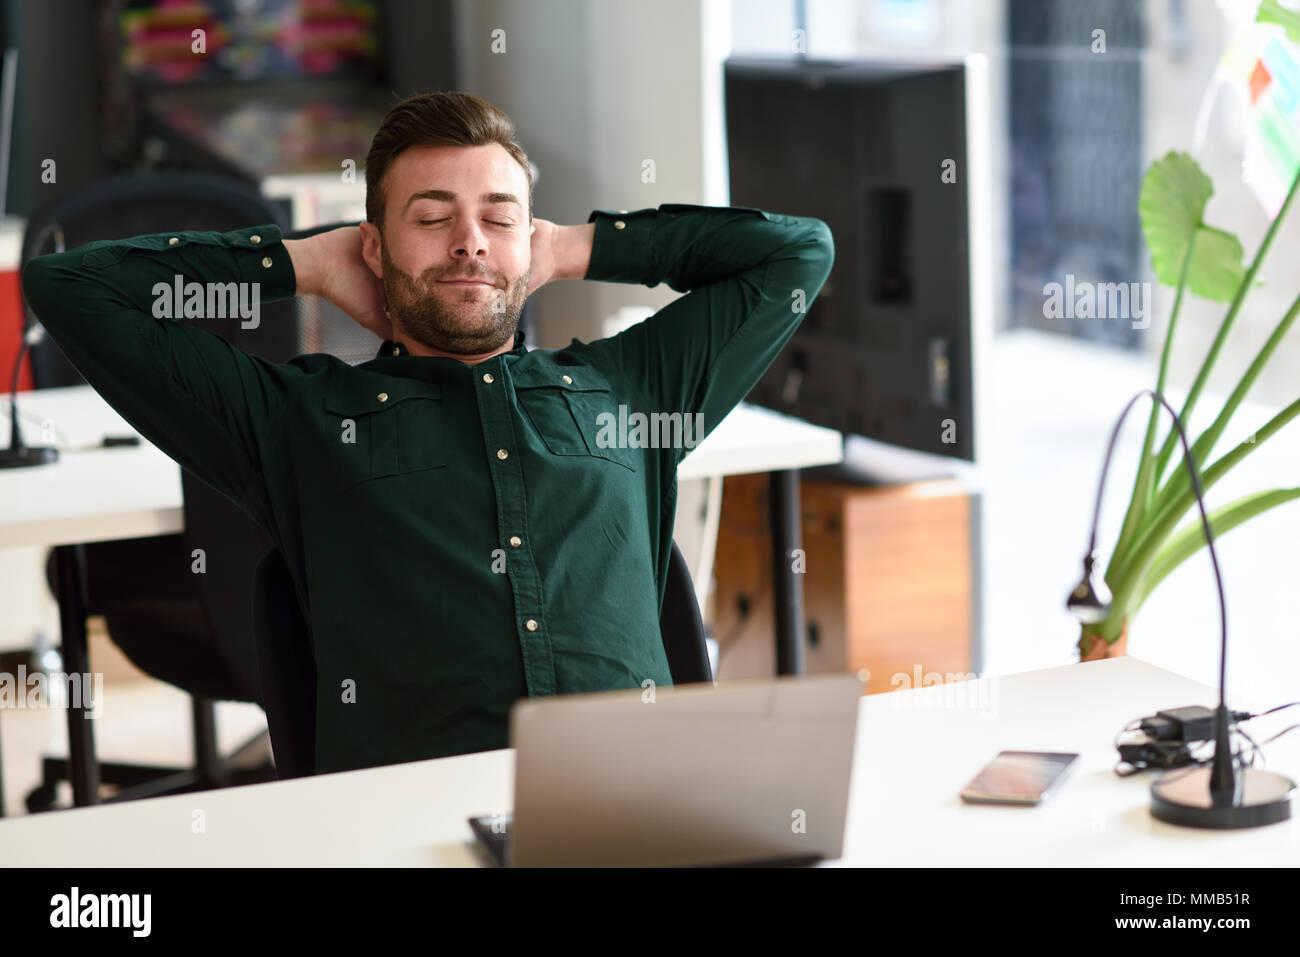 Junge Menschen studieren mit Laptop auf weißem Schreibtisch. Attraktiver Kerl mit Bart legere Kleidung eine Pause. Stockbild